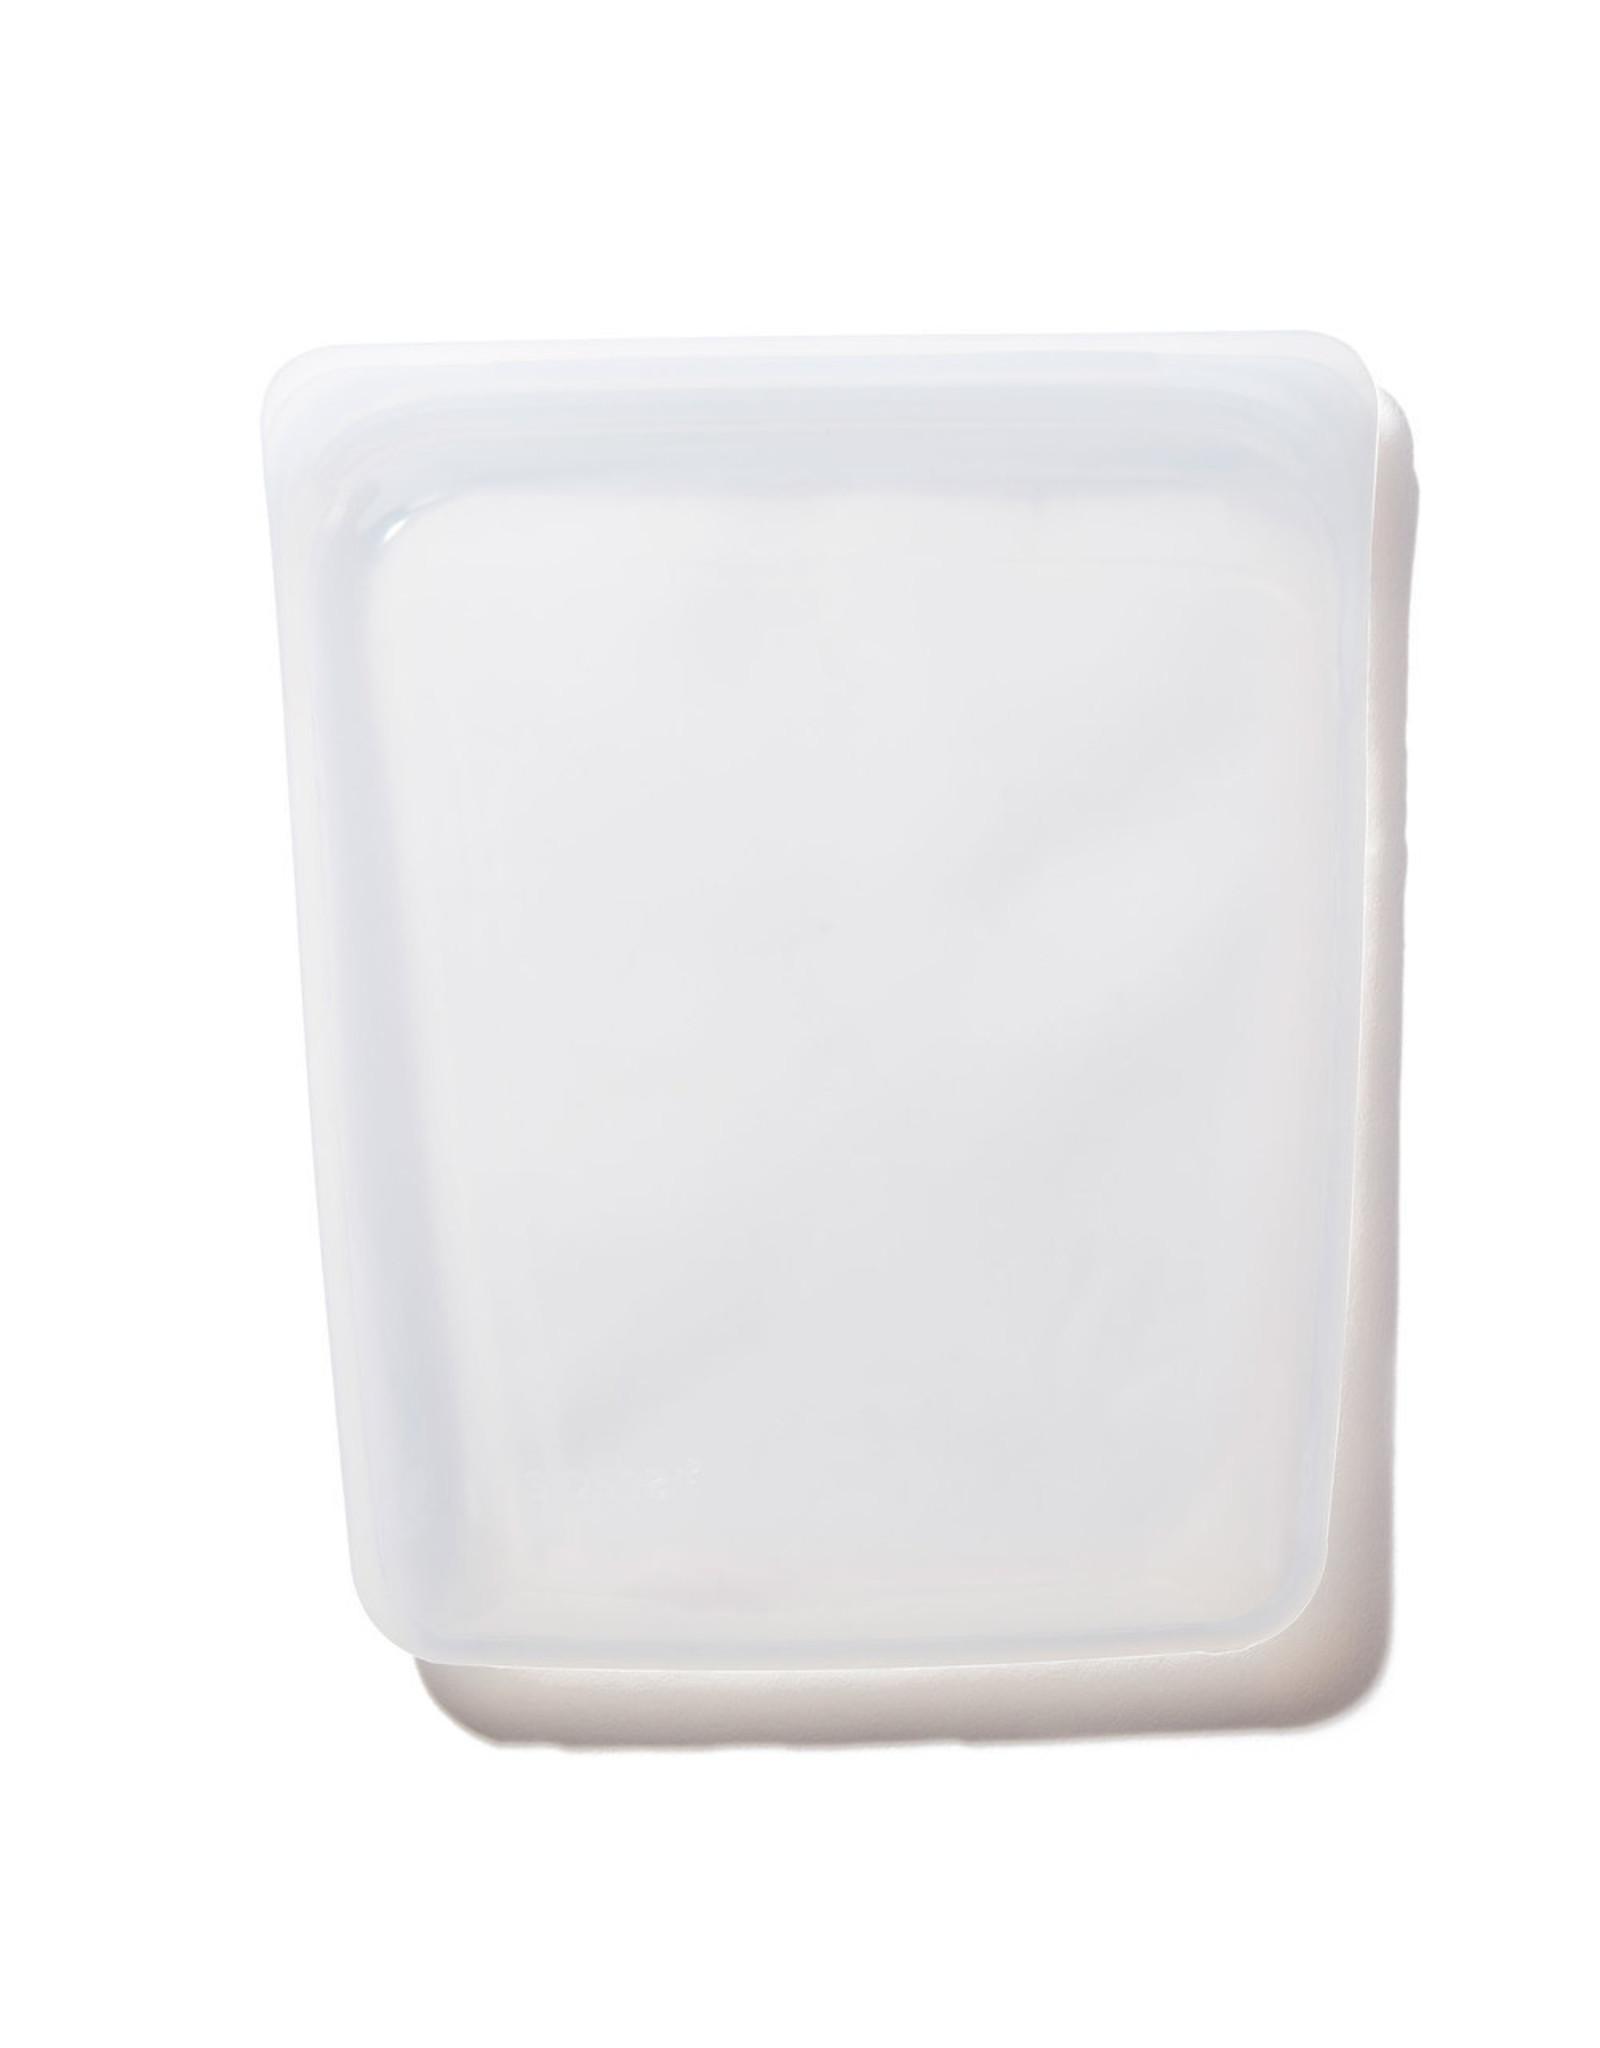 Stasher Stasher Reusable Half Gallon Storage Bag